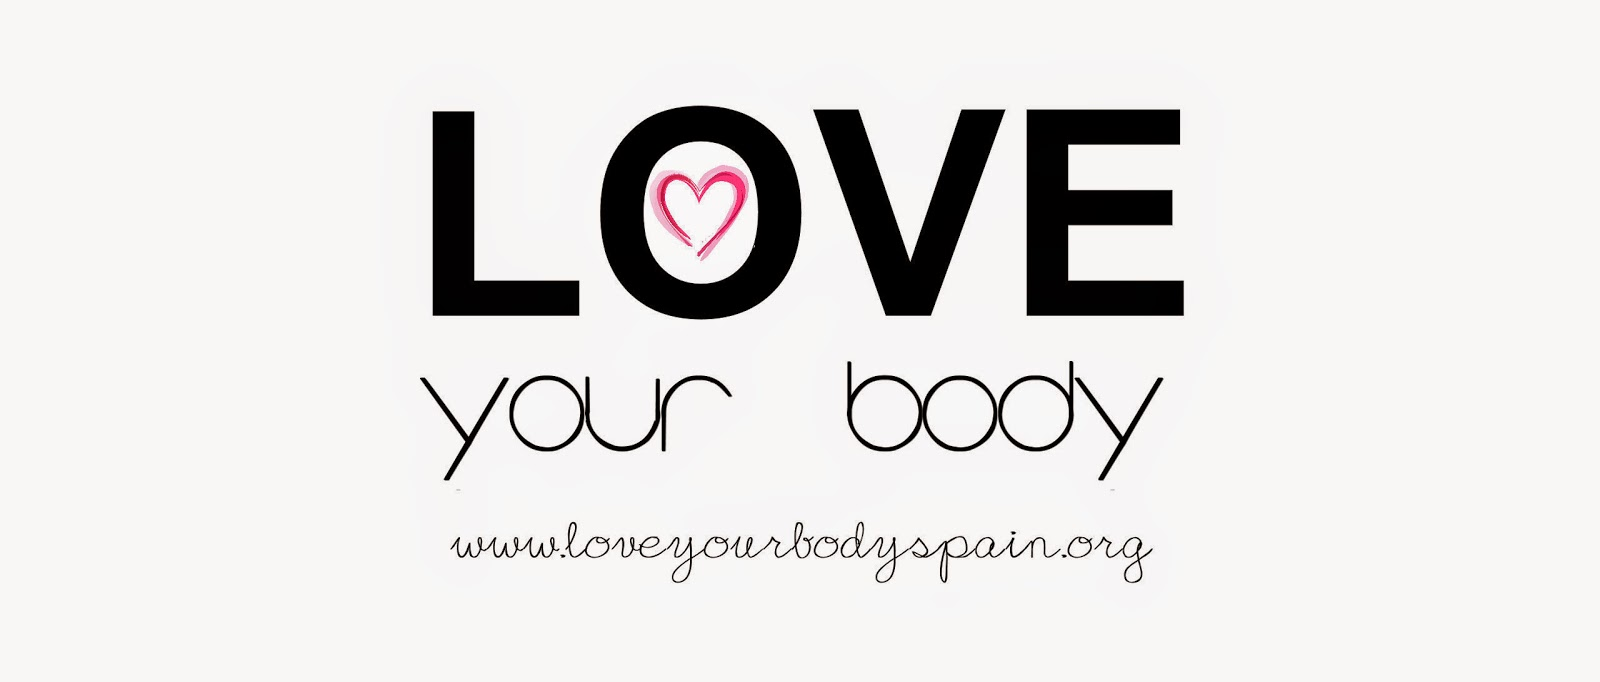 www.loveyourbodyspain.org